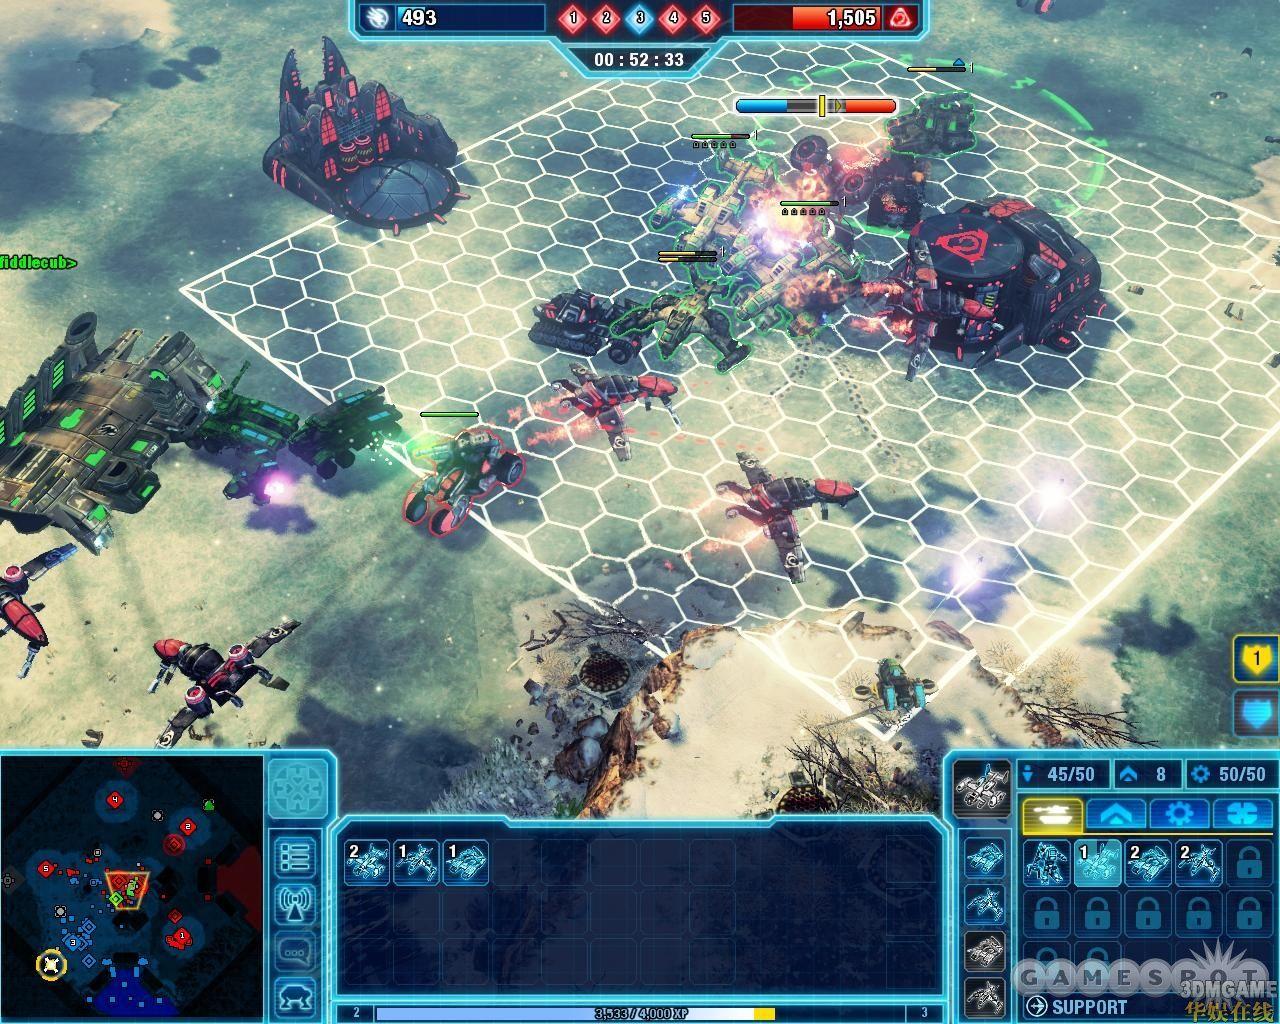 游戏界面似受帝国时代系列的影响.